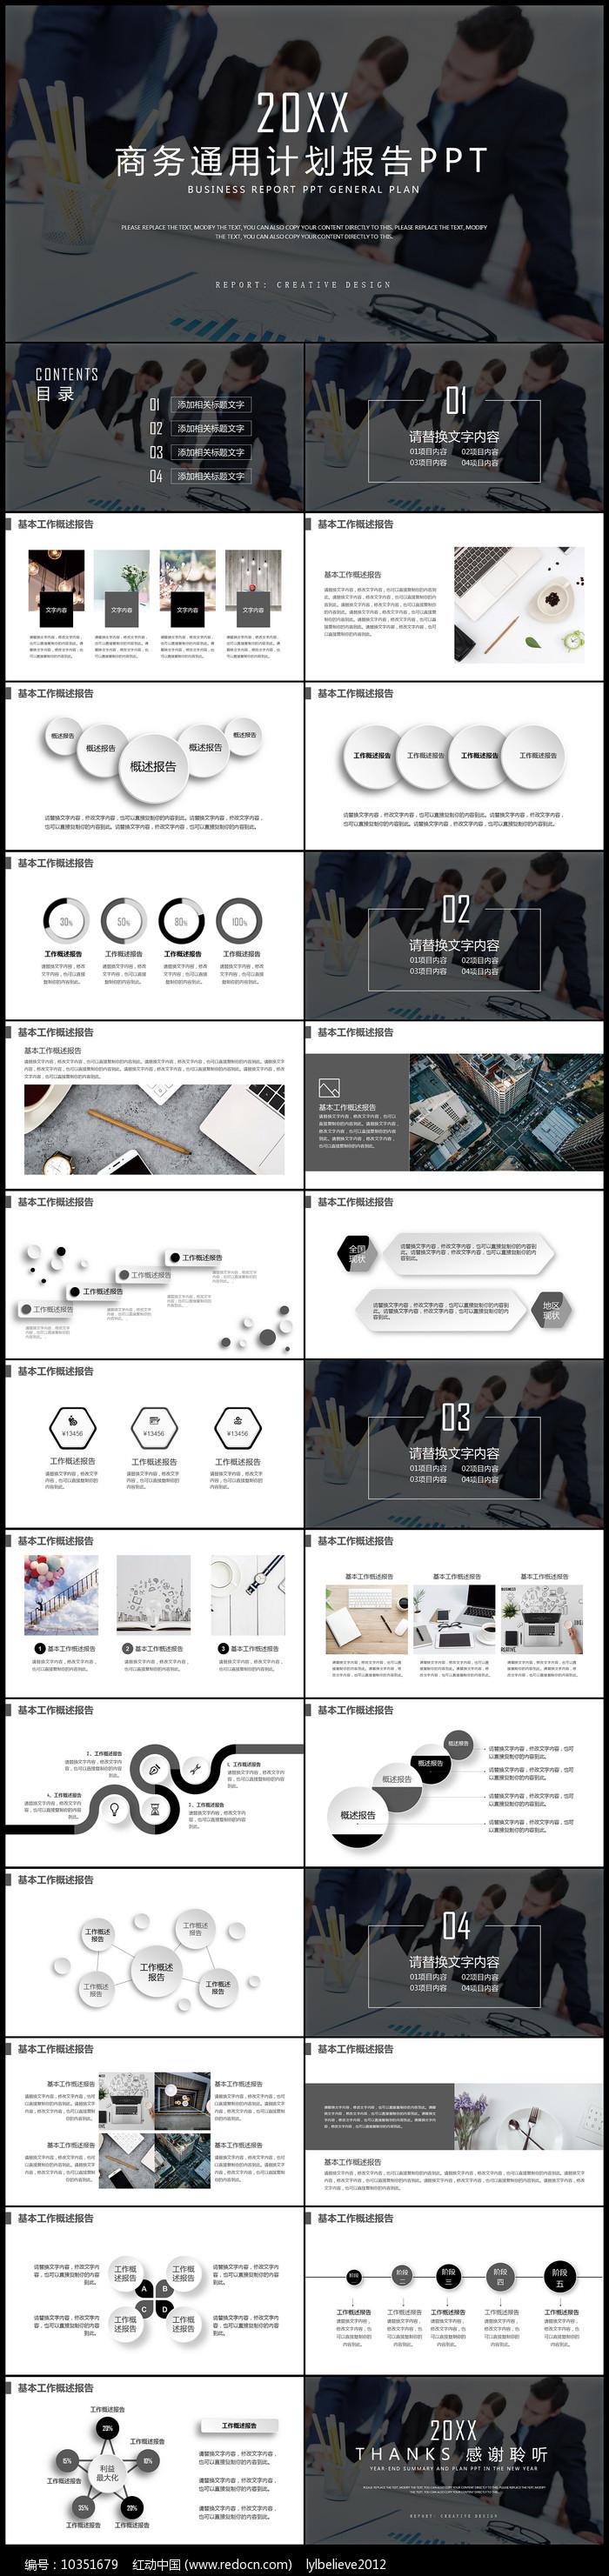 黑色欧美项目投资公司介绍商业计划书PPT